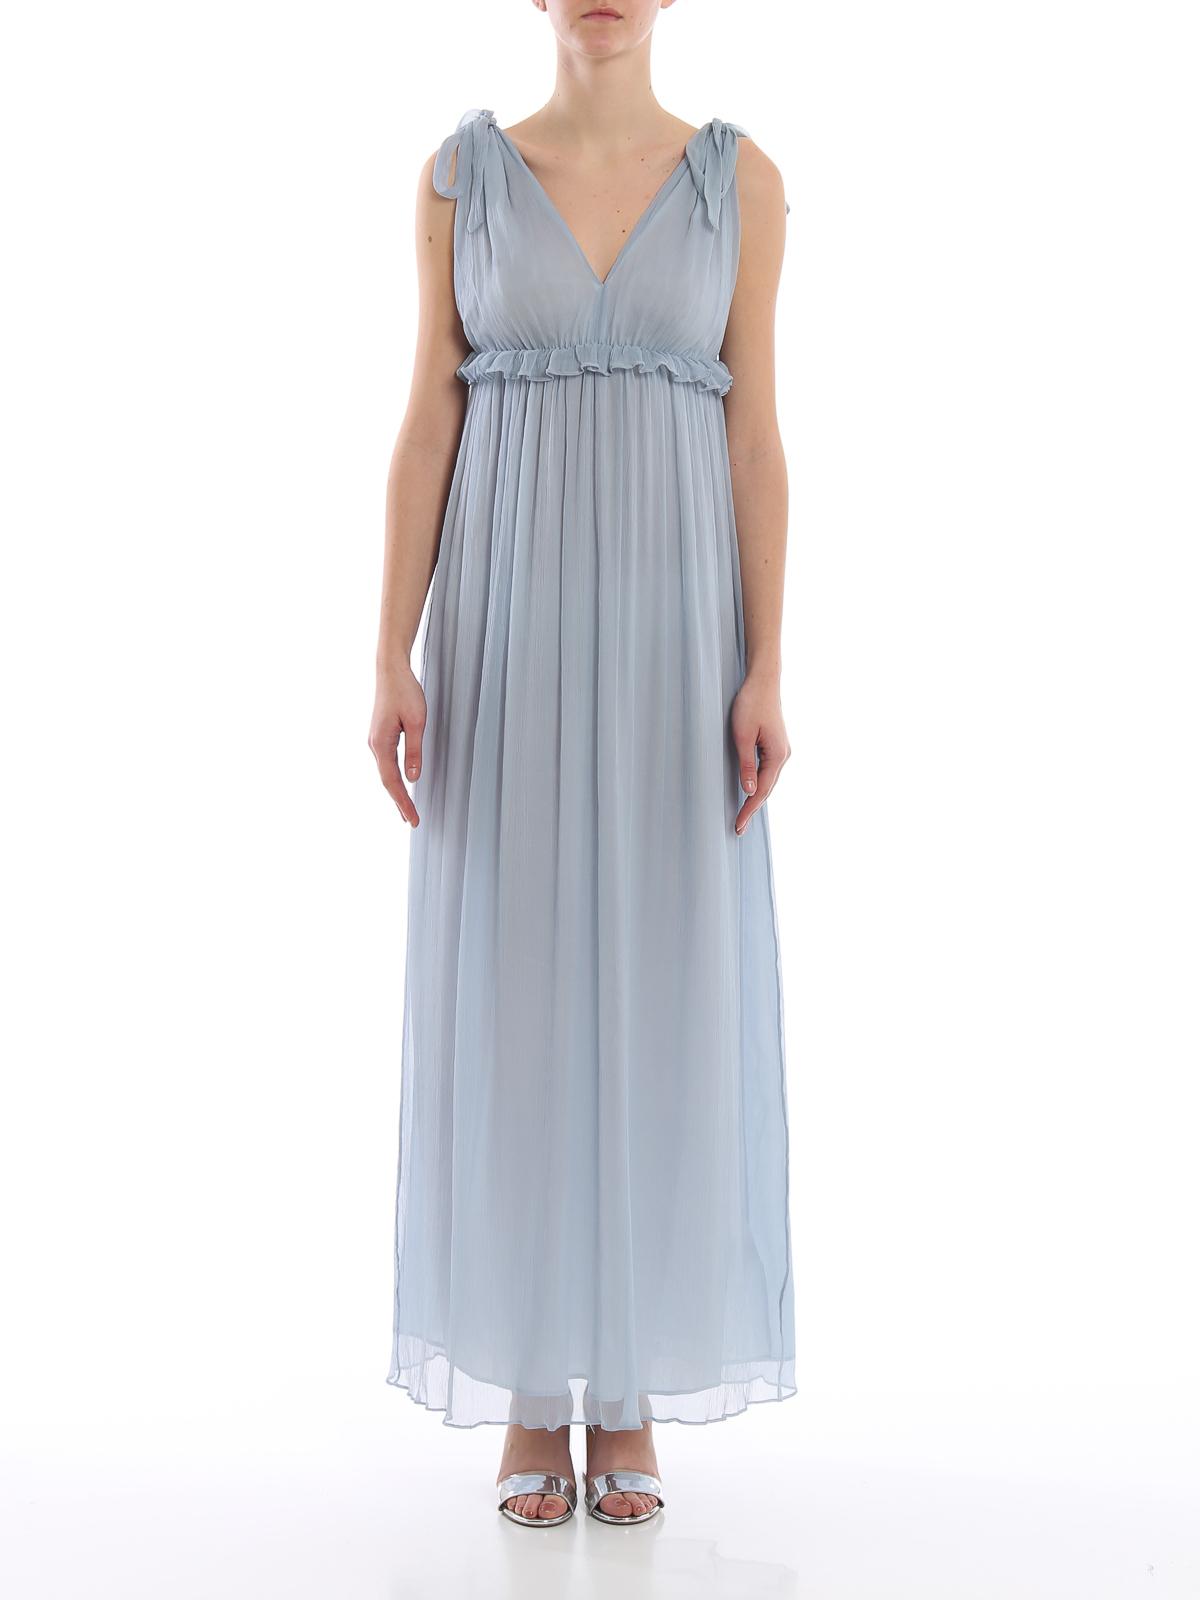 Dondup - Abendkleid - Hellblau - Abendkleider - A9SF9DXXX9